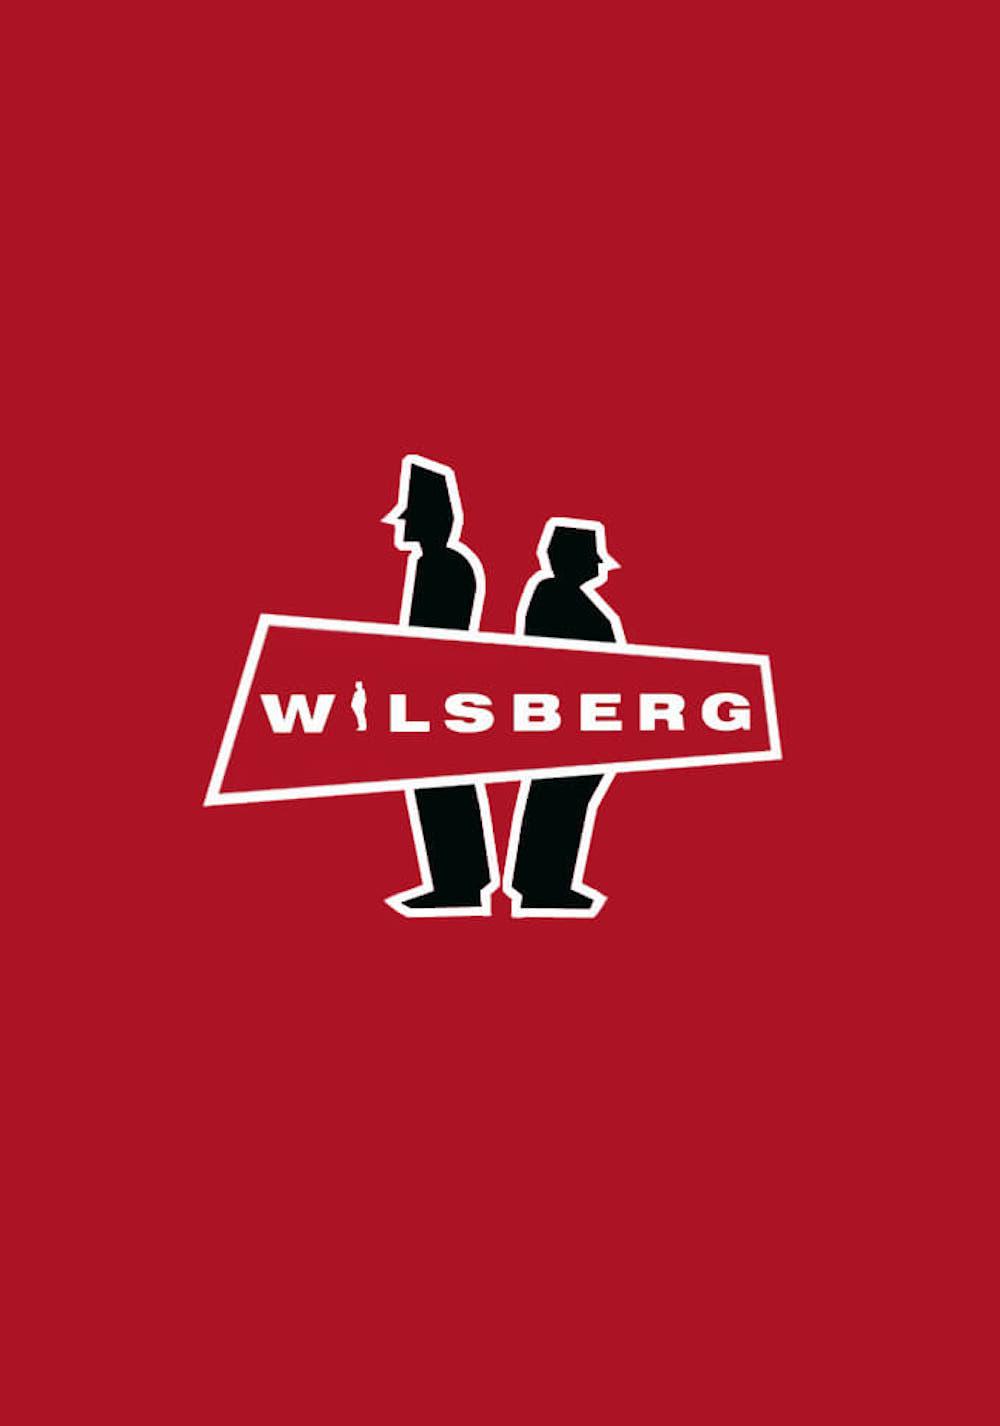 Wilsberg Download